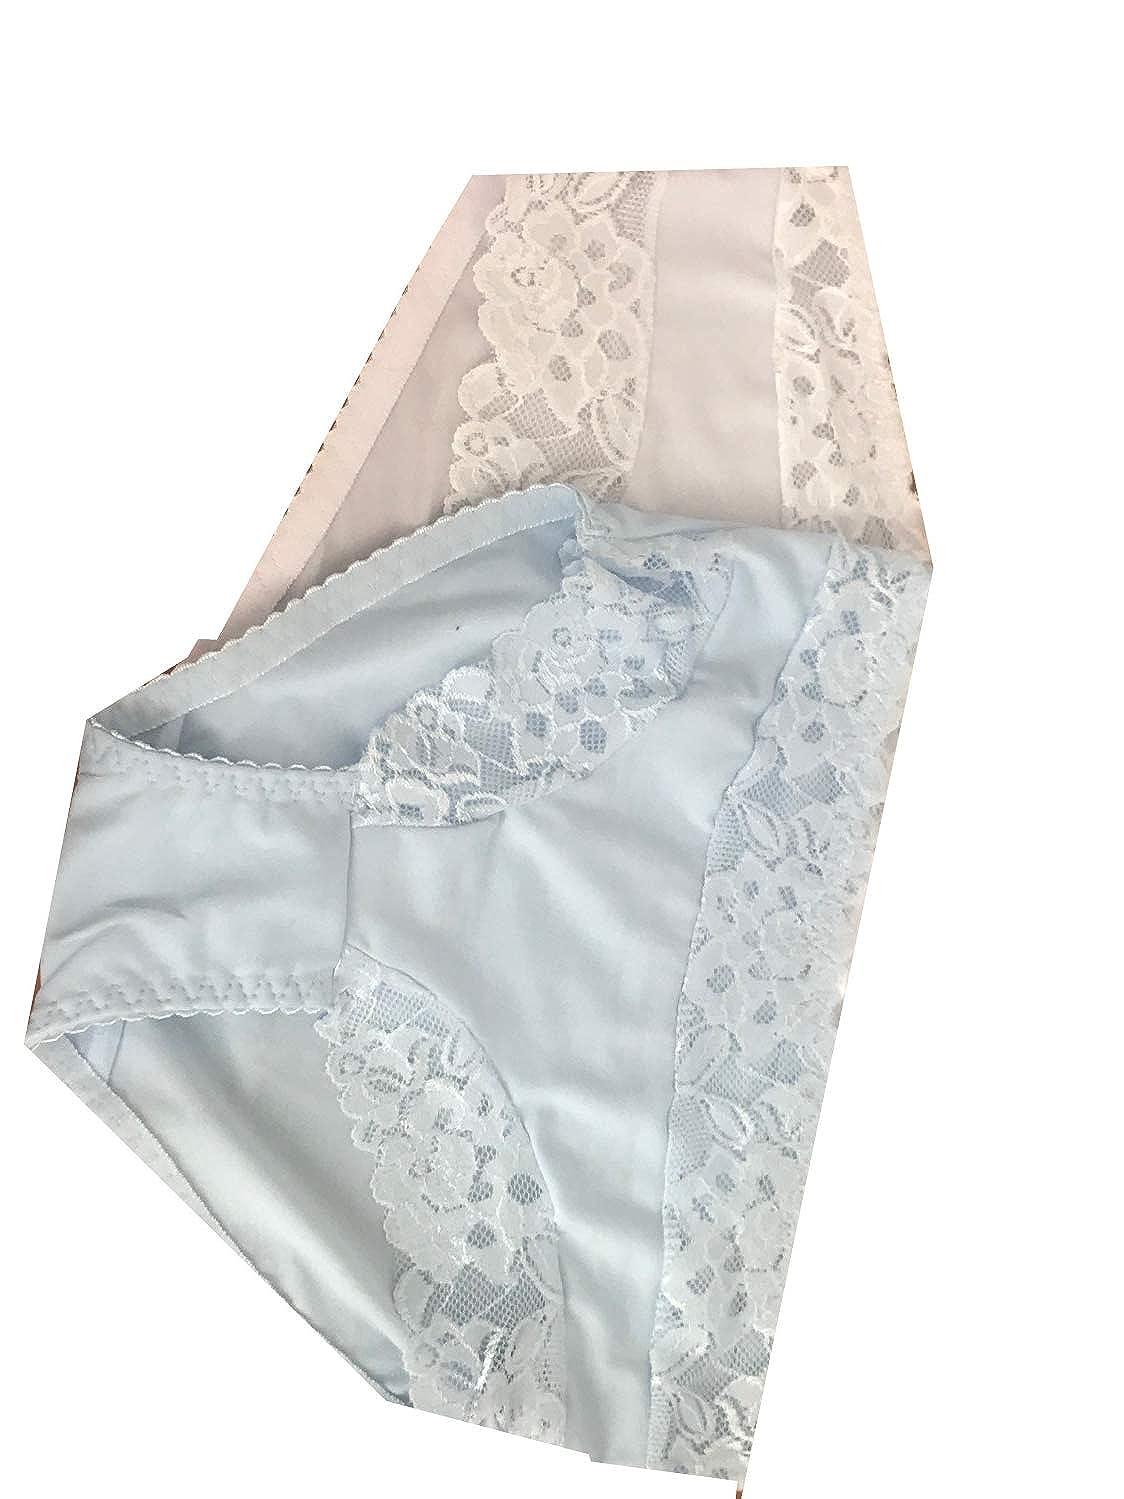 Calzoncillos /íntimos de Encaje para Mujer Diemme Tallas Grandes 3 Unidades Cintura Alta